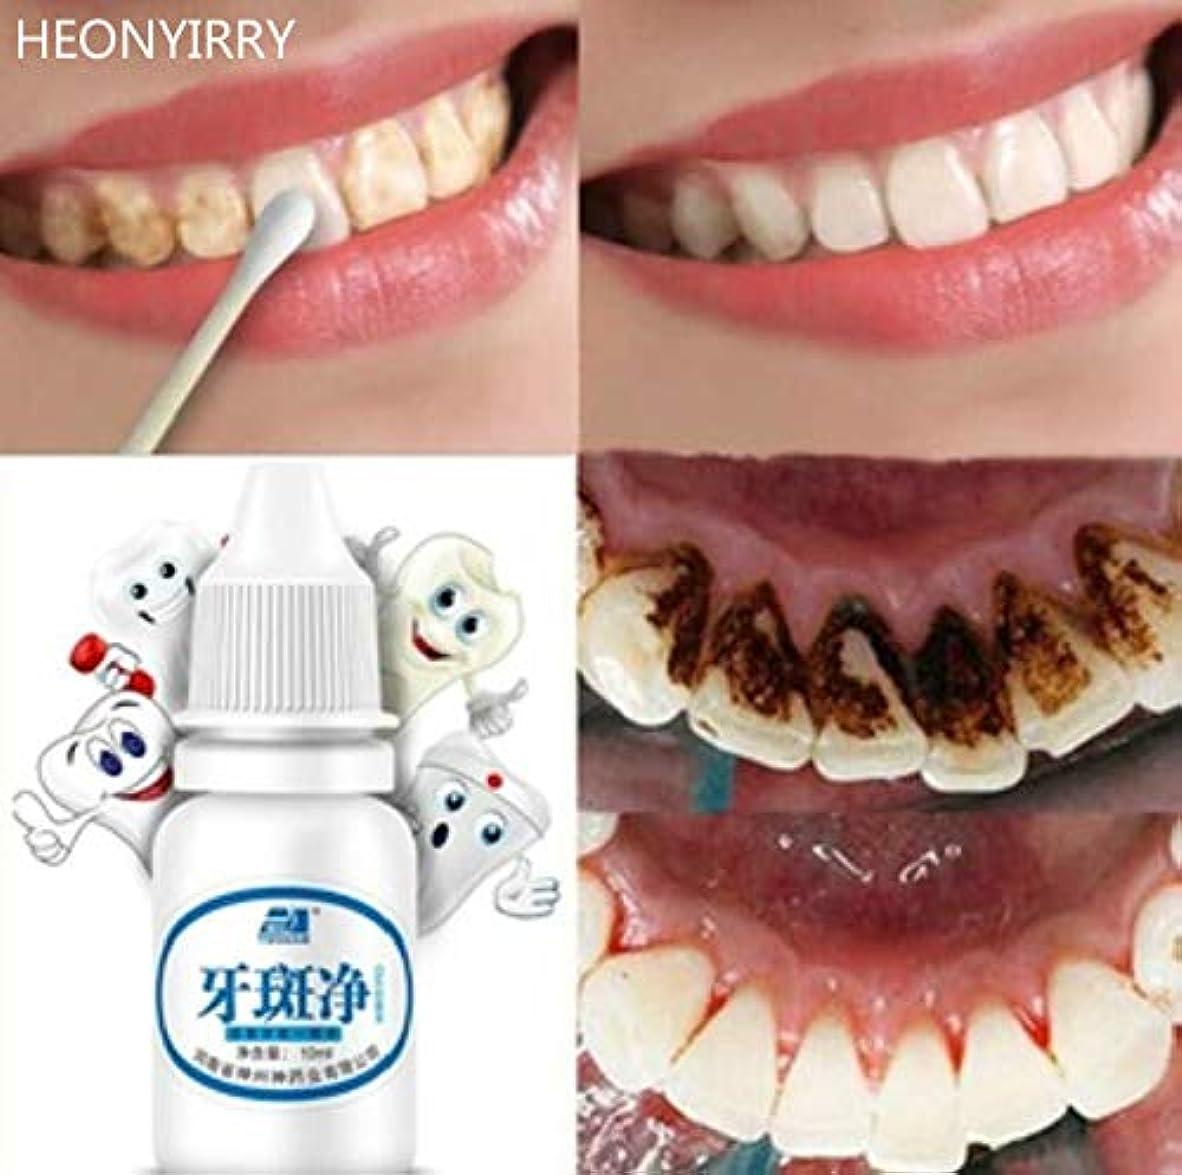 無条件行商人電子歯磨き粉 歯ブラシ 歯間ブラシ 歯磨き粉 ホワイトニング 10ml歯を白くする口腔衛生歯をきれいにする歯をきれいにするホワイトニングウォータークラレラメント歯科歯垢 歯みがき粉 歯 消しゴム 歯 鏡 歯 マニキュア 歯 矯正 歯 ケース 歯 接着剤